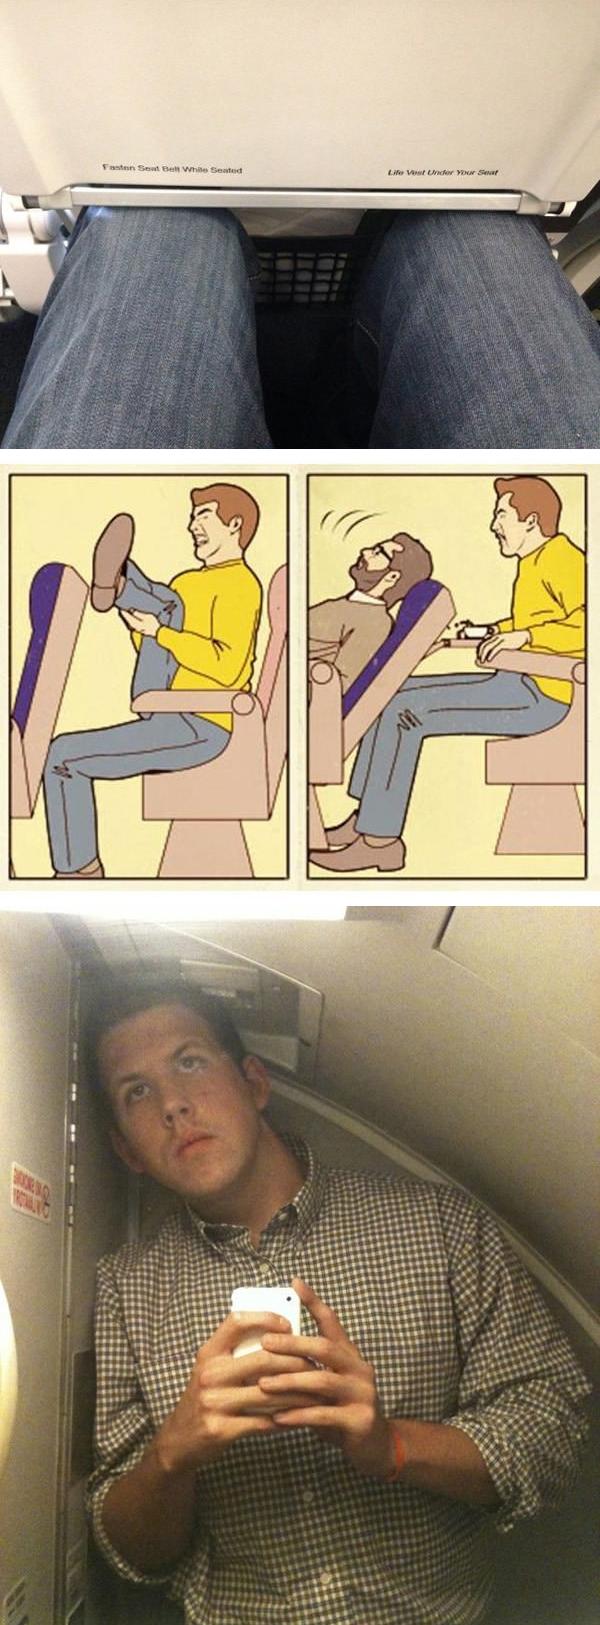 Đi máy bay cũng bị coi như con ghẻ vì chẳng có chốn nào đủ chiều cao, đủ chiều dài cho mình dung thân cả.